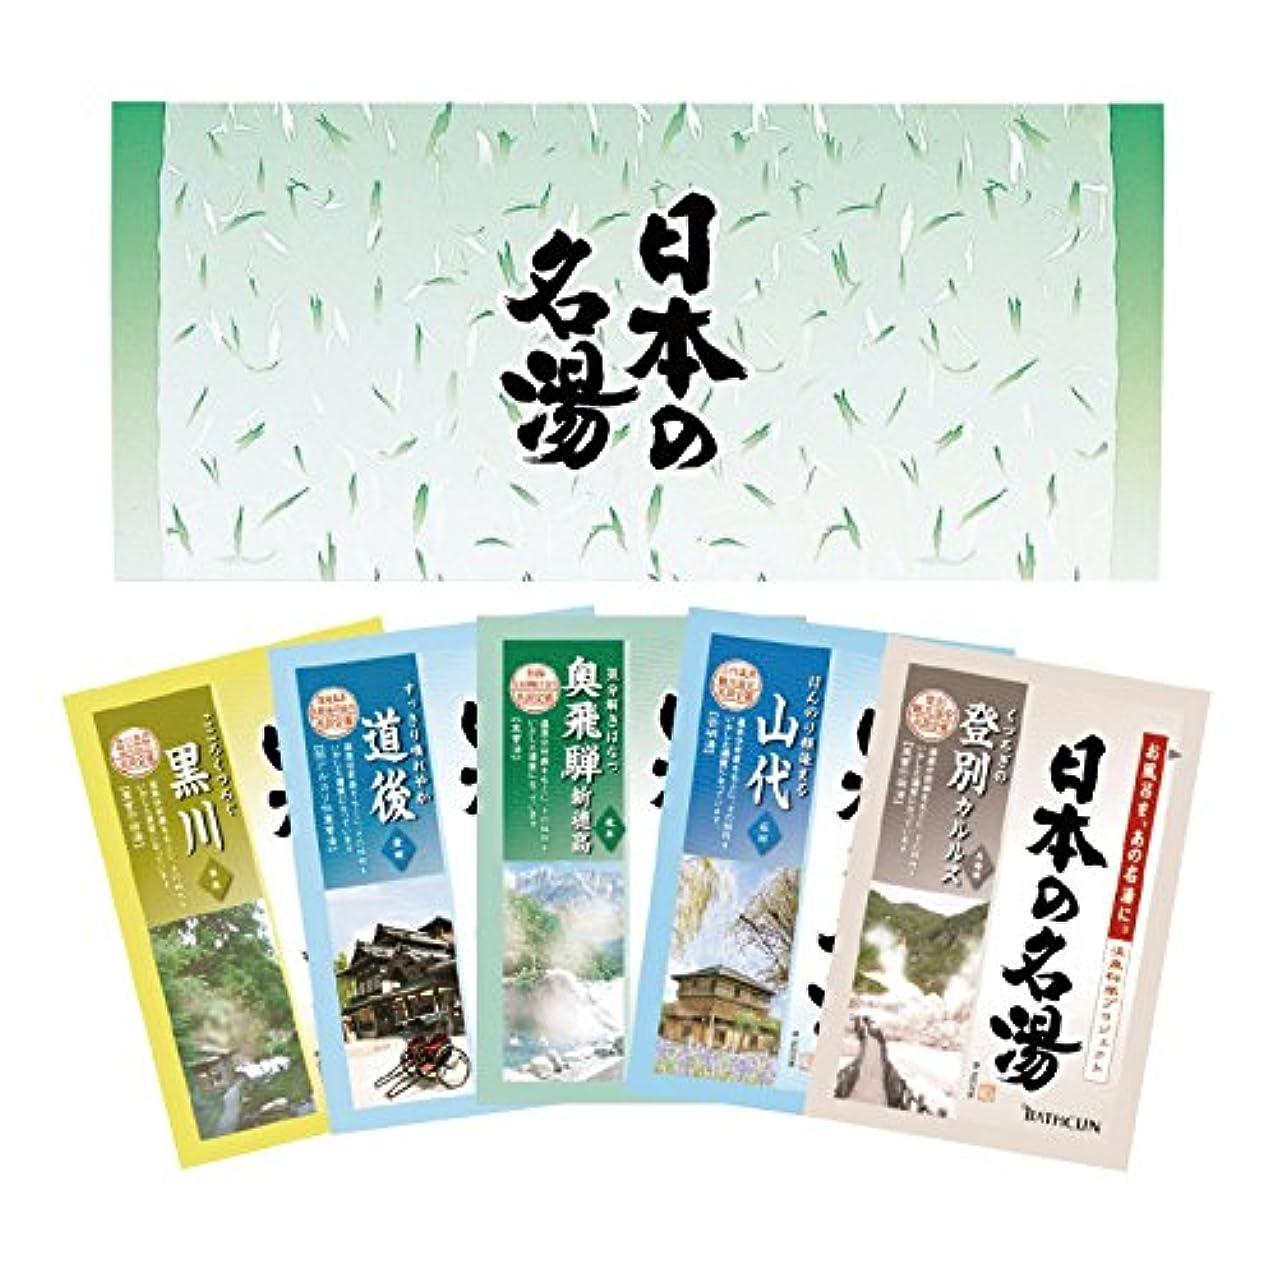 ソーダ水時間厳守ブラインド日本の名湯 入浴剤 5包入